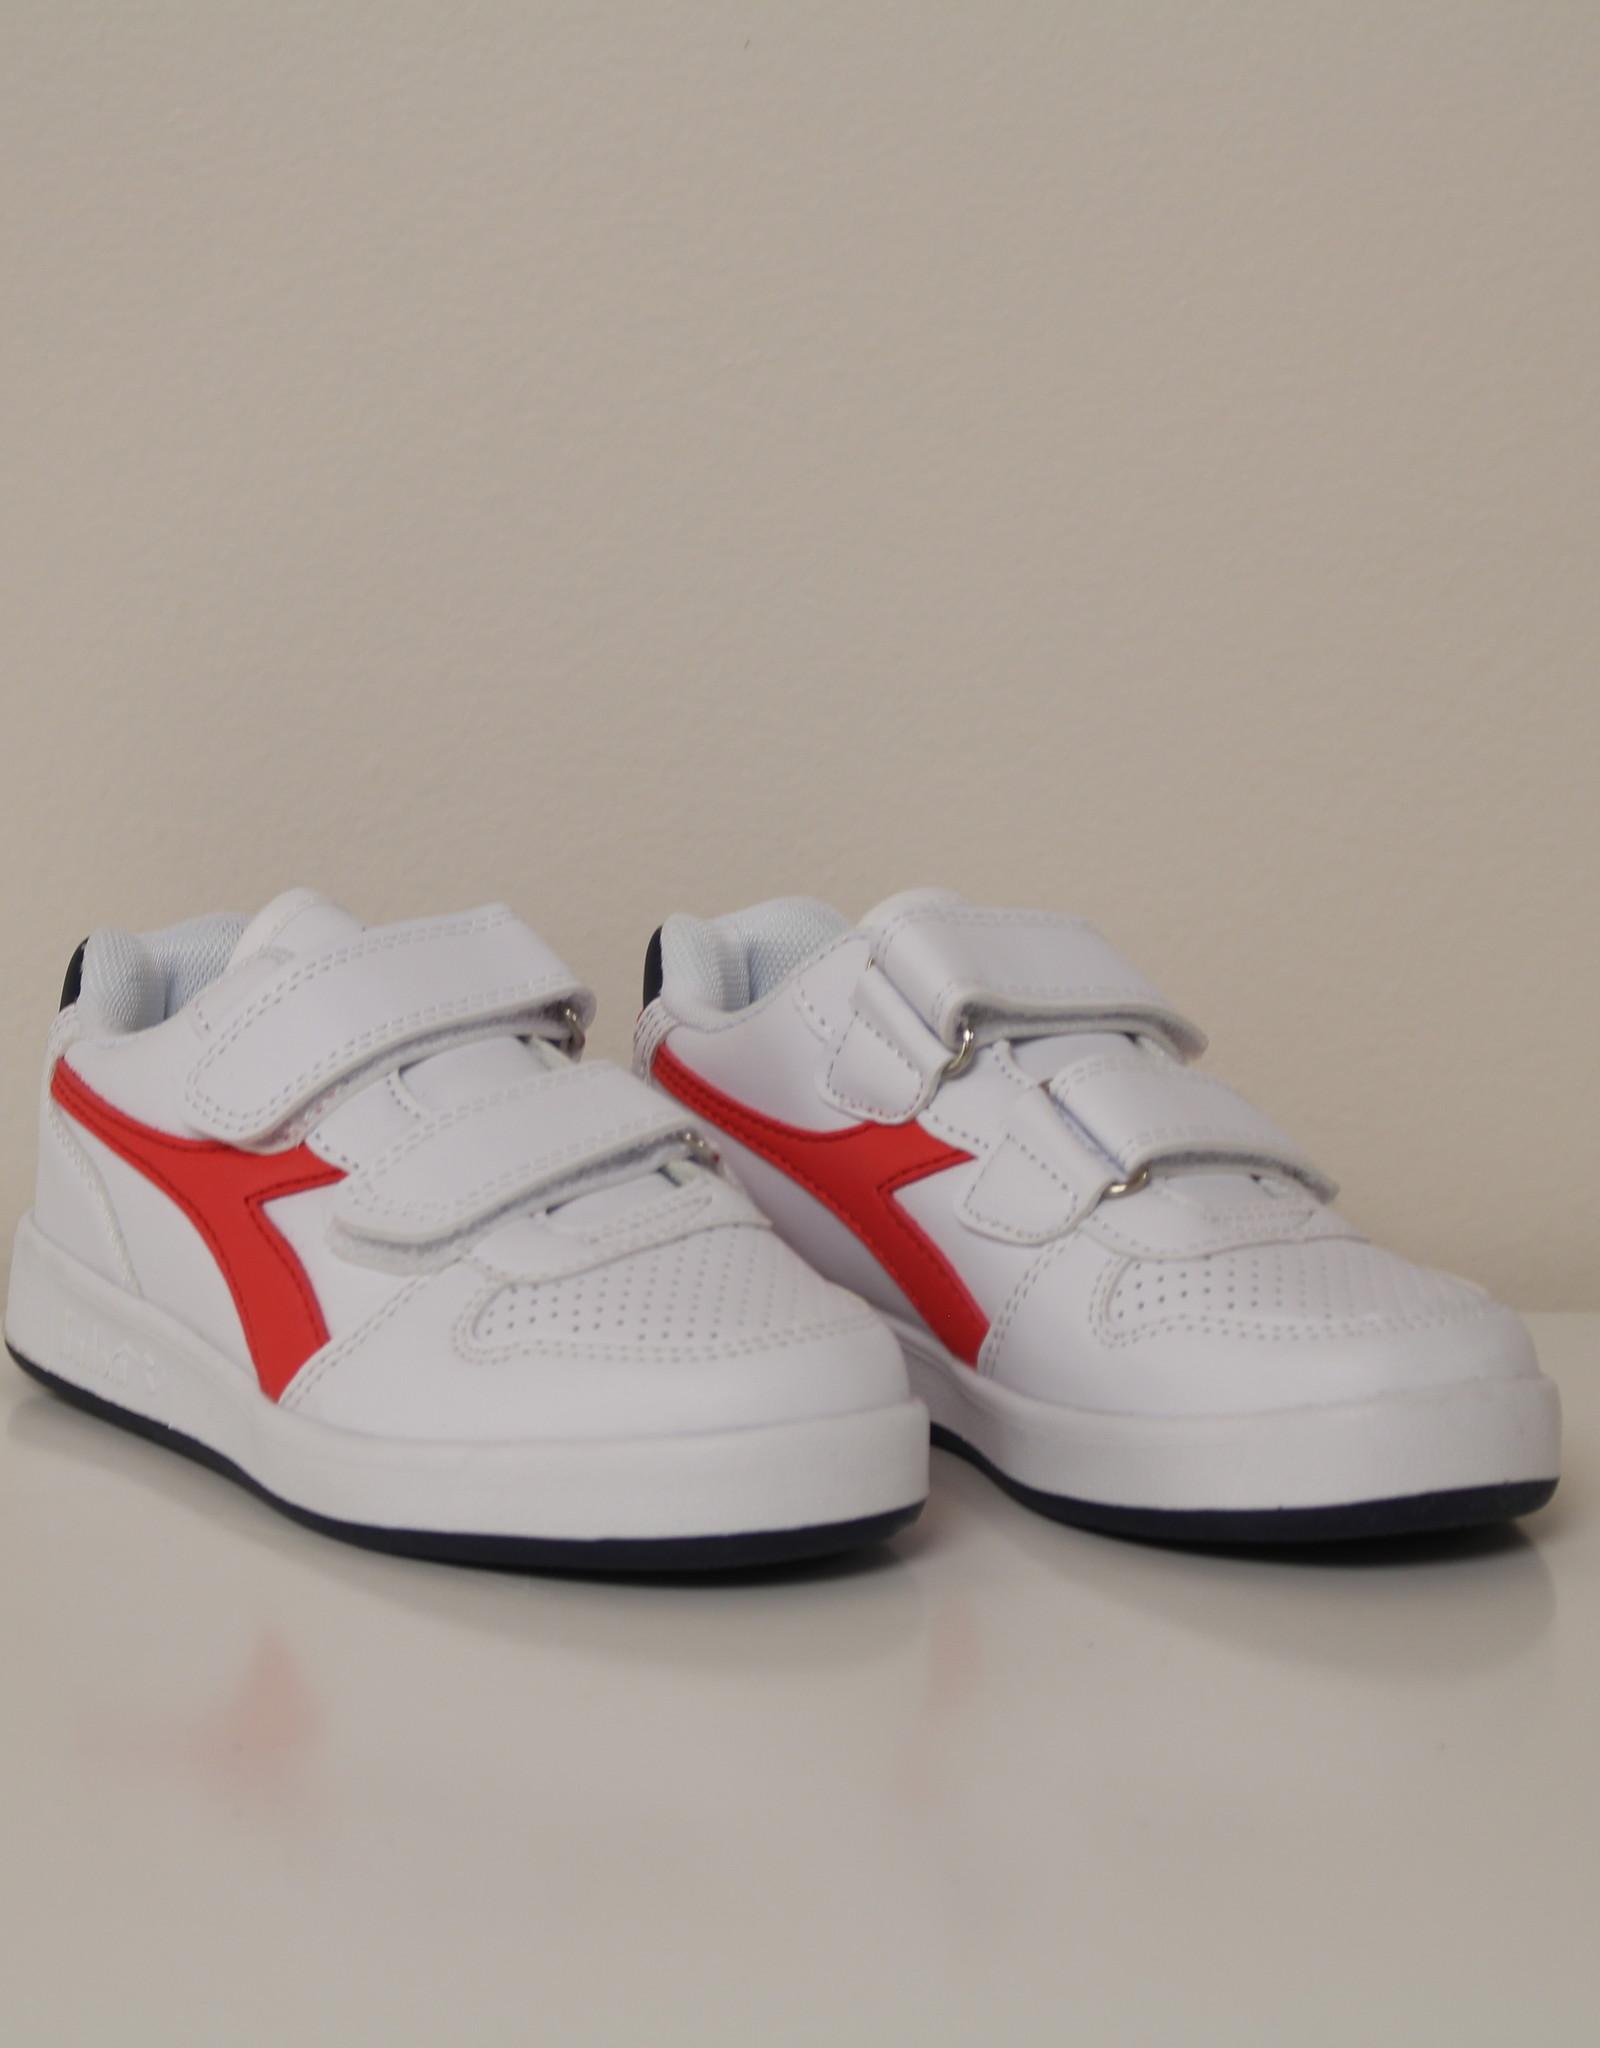 Diadora 101.173300 playground PS white/red